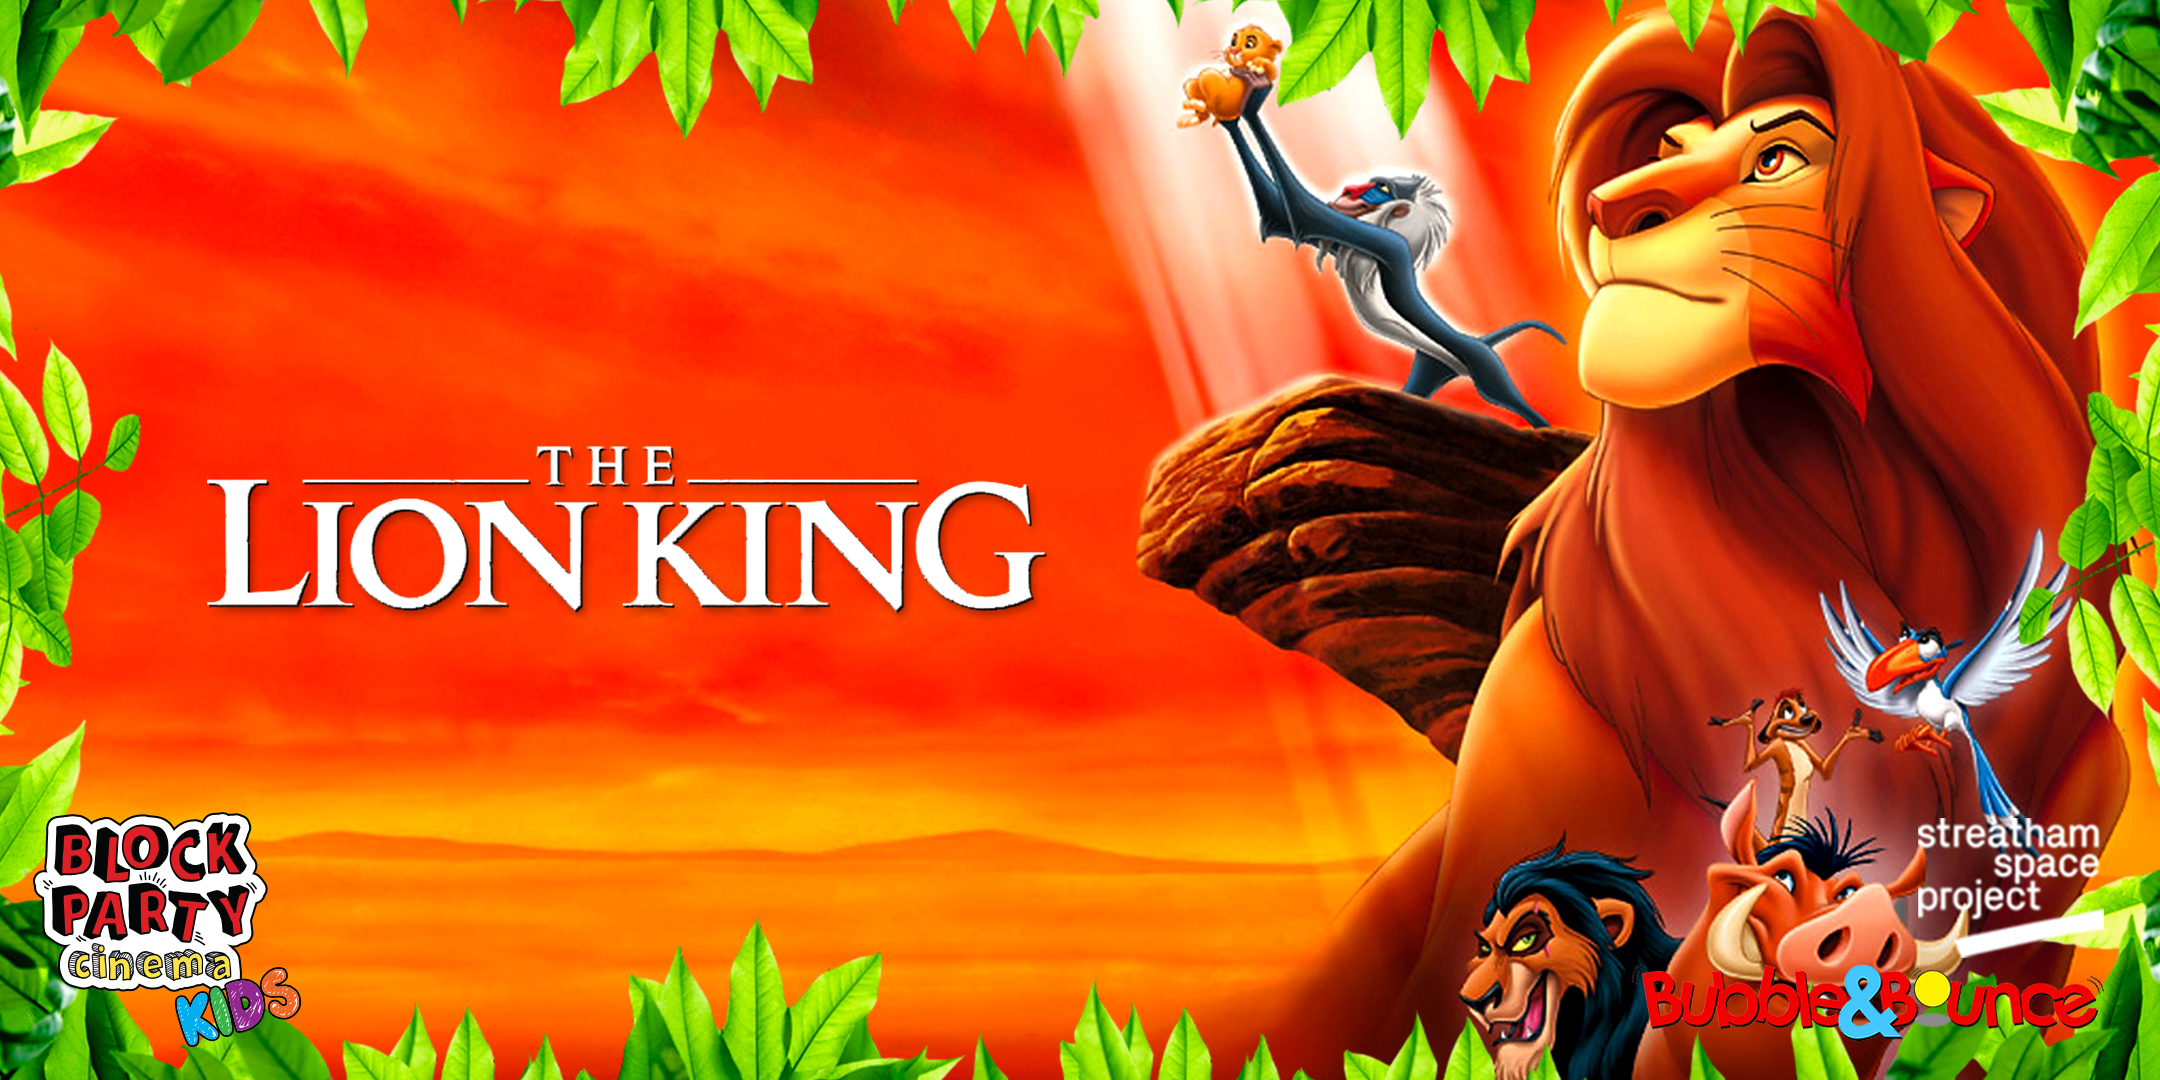 eventbrite-bpc-lion-king.jpg